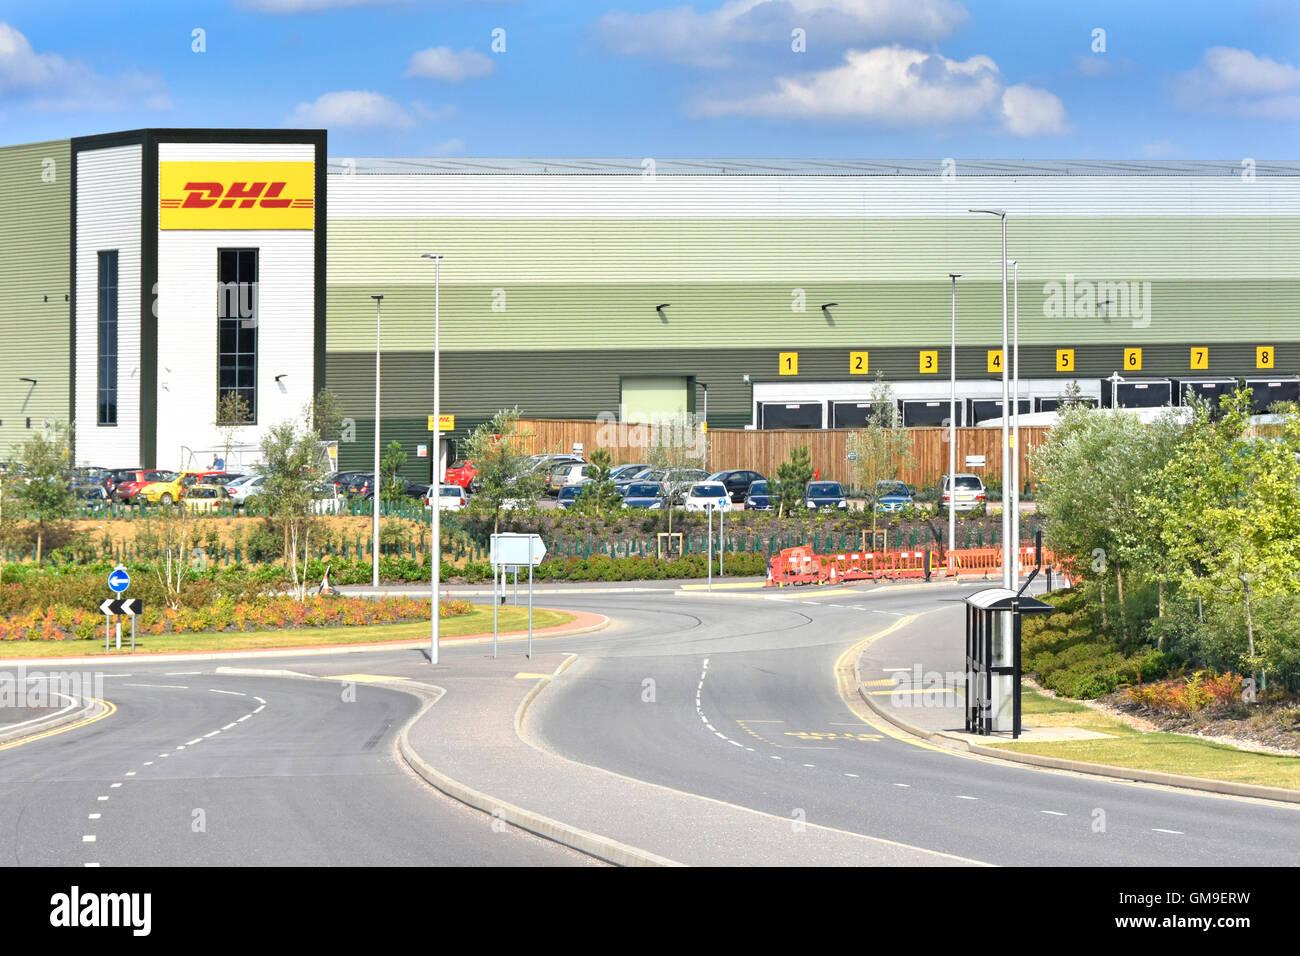 DHL Logistics uk entrepôt de distribution sur le développement de la passerelle de rugby de l'établissement Photo Stock